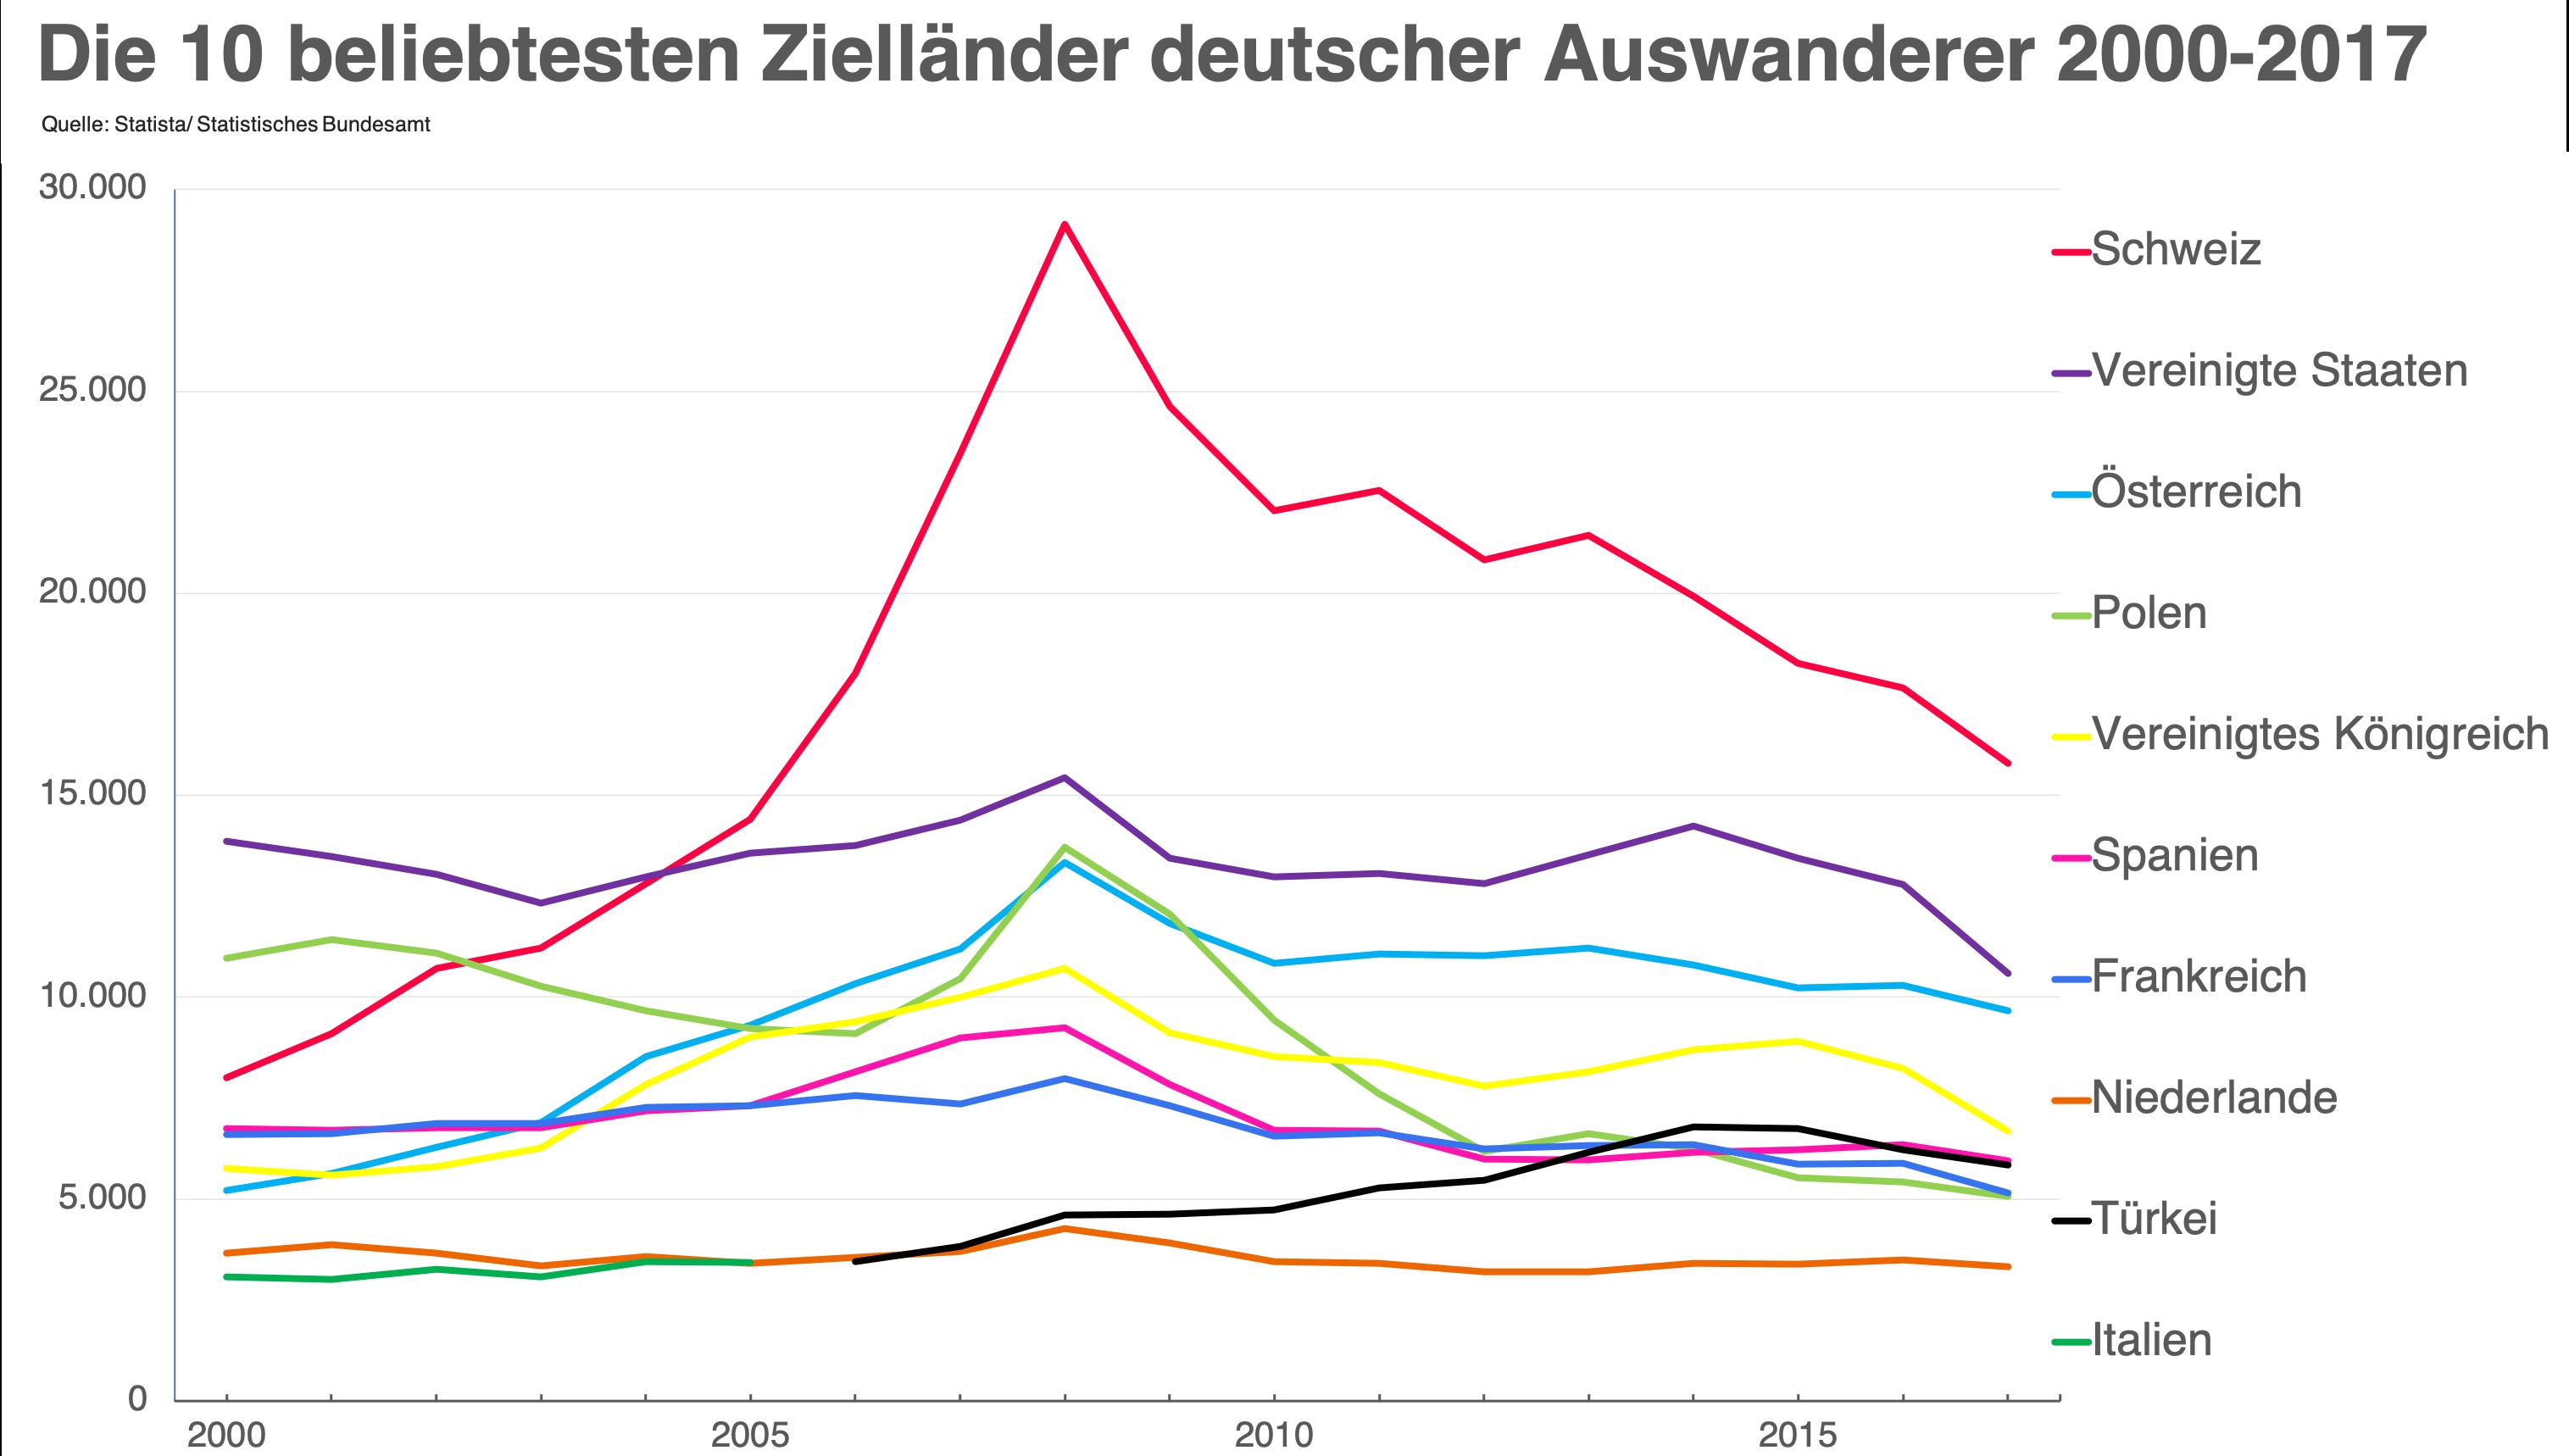 Top 10 Zielländer deutscher Auswanderer und Auswanderinnen